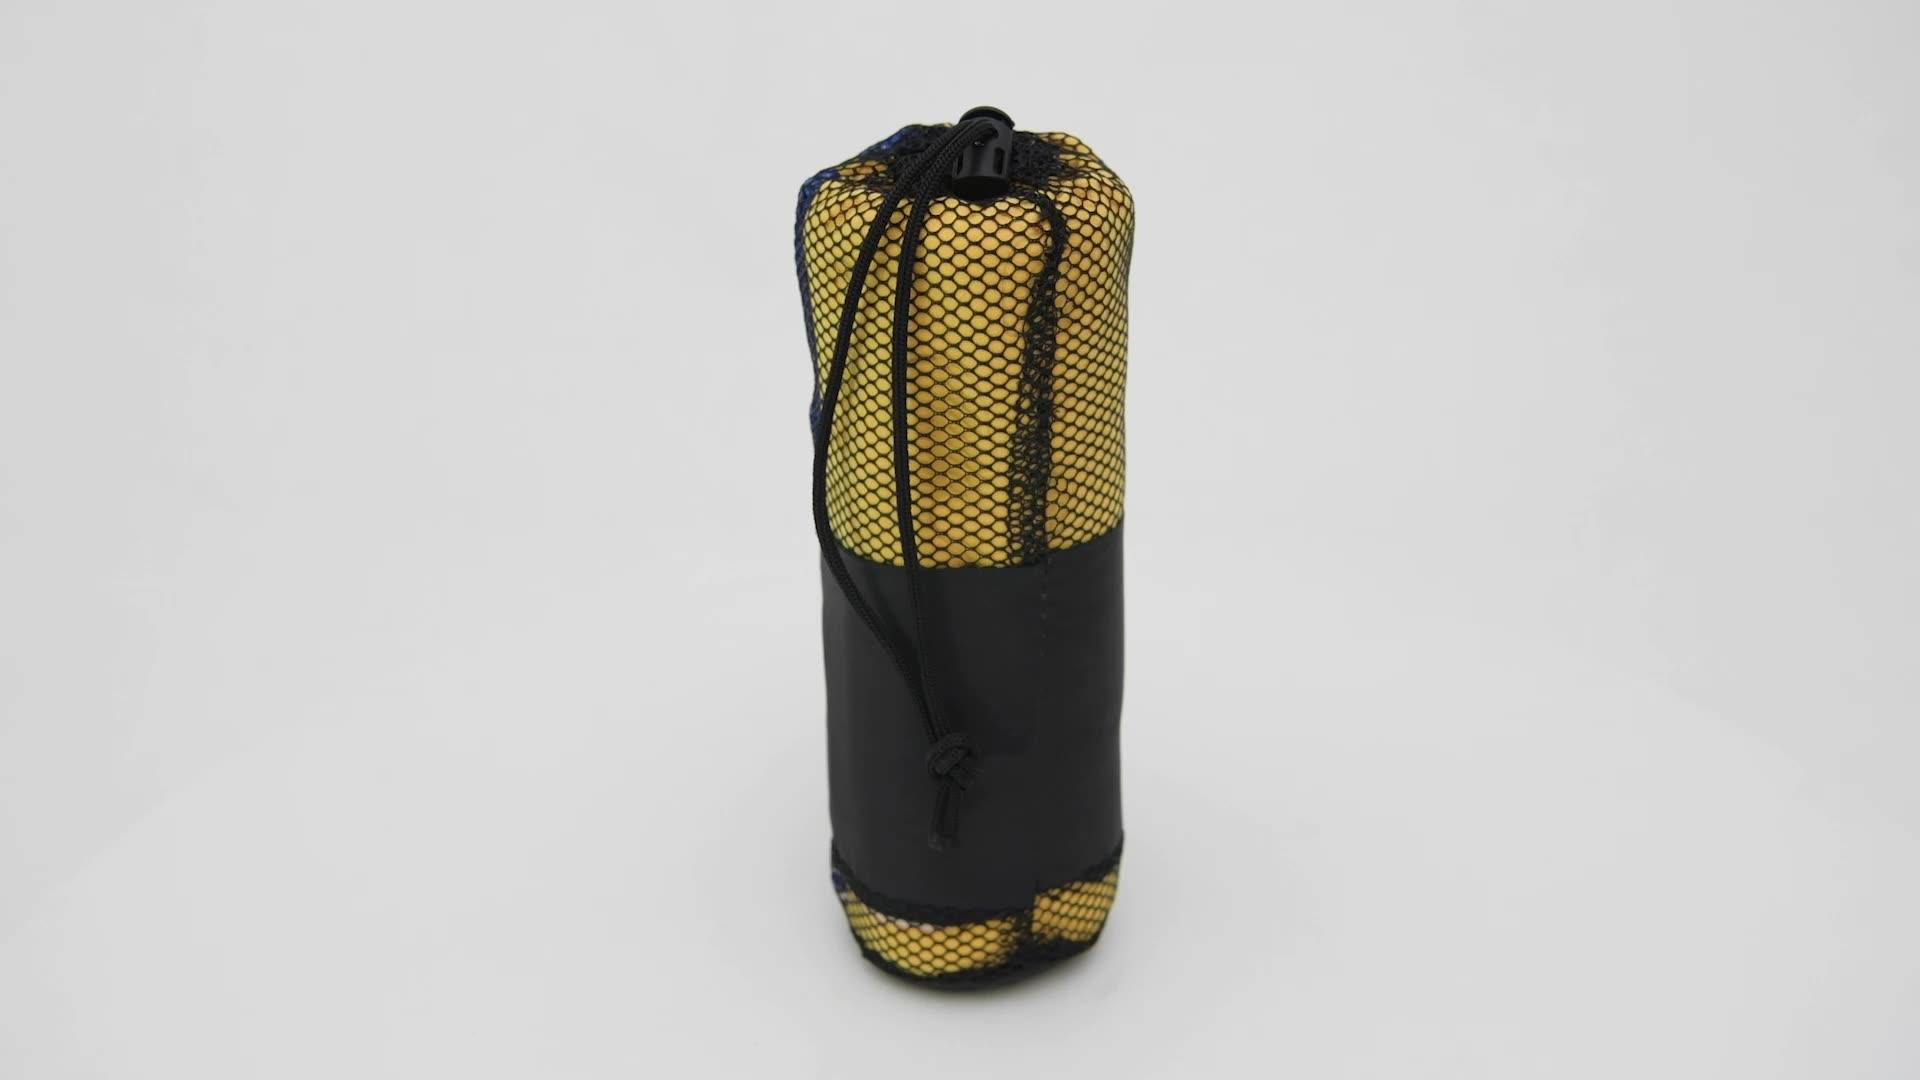 Harga Handuk Microfiber Suede Handuk Yoga Non Slip dengan Mesh Tas